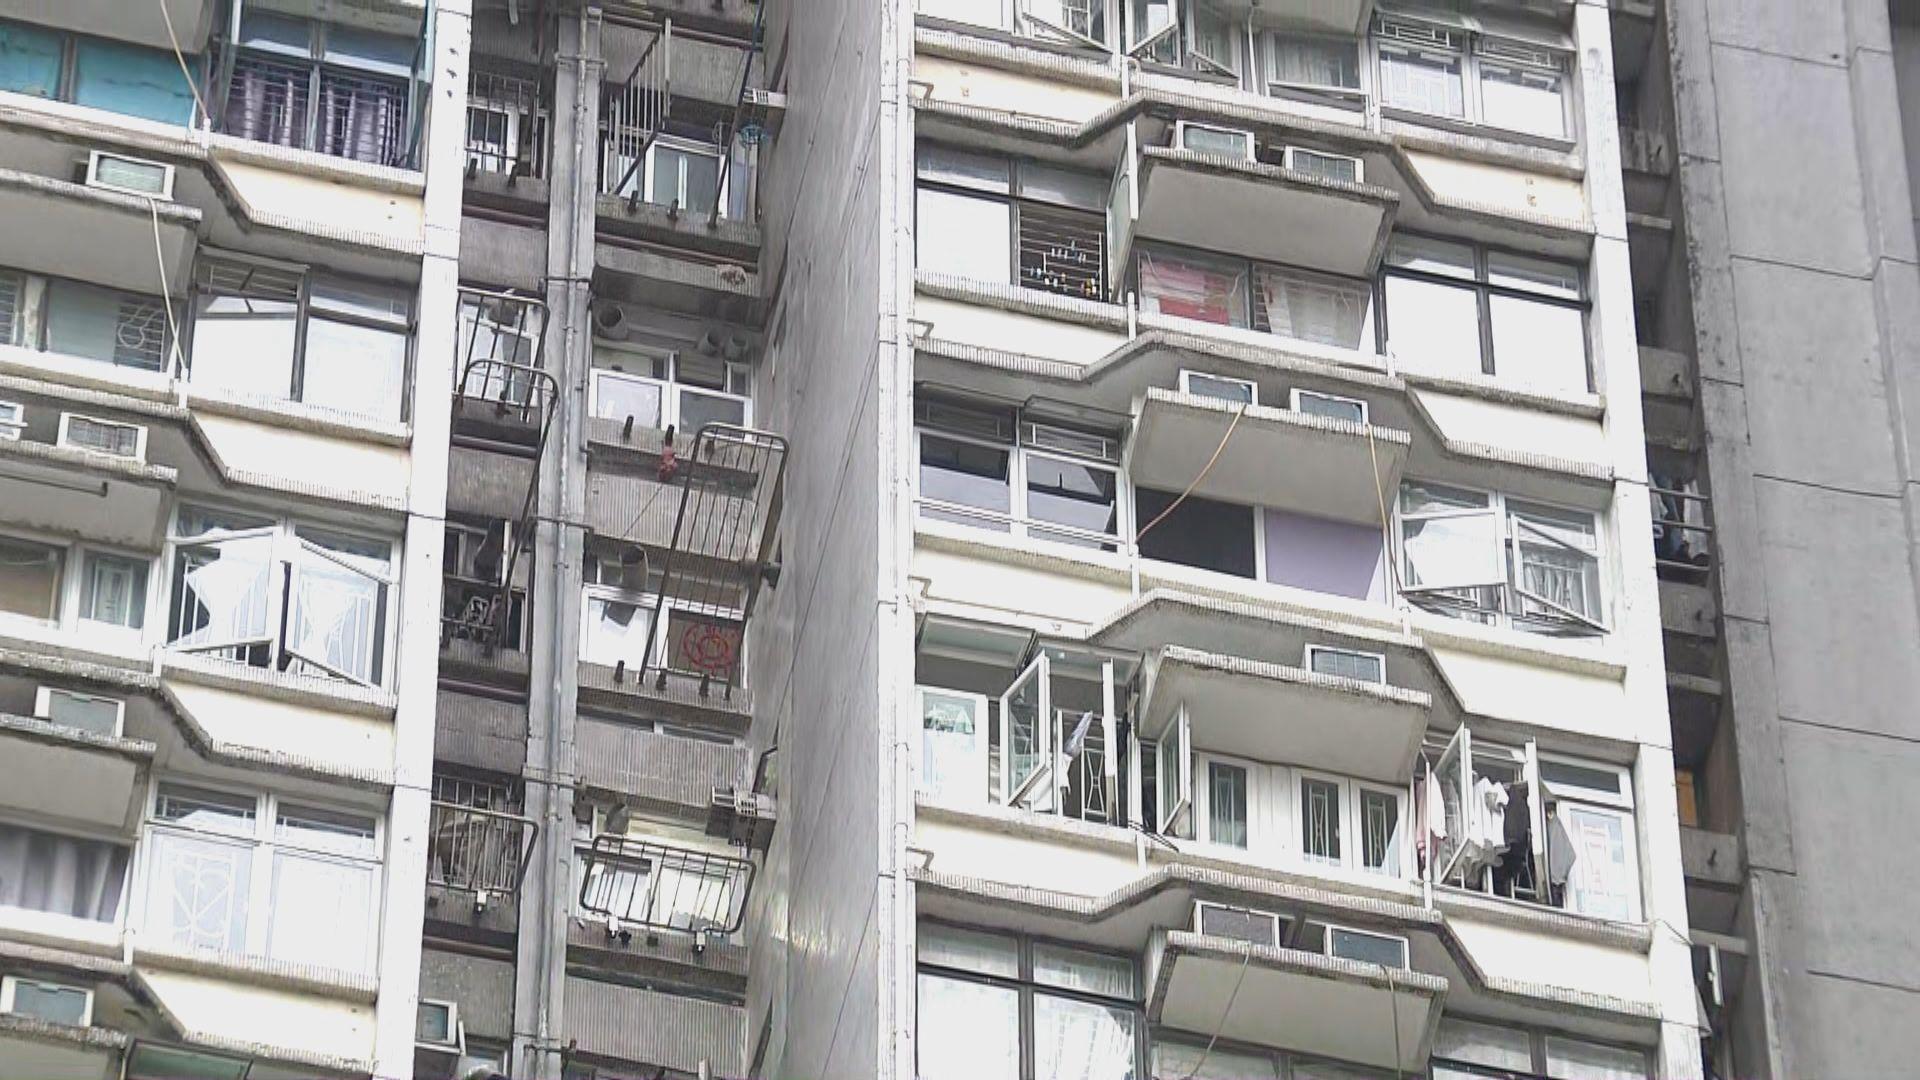 袁國勇視察貴東樓 23樓及以上「15室」撤離